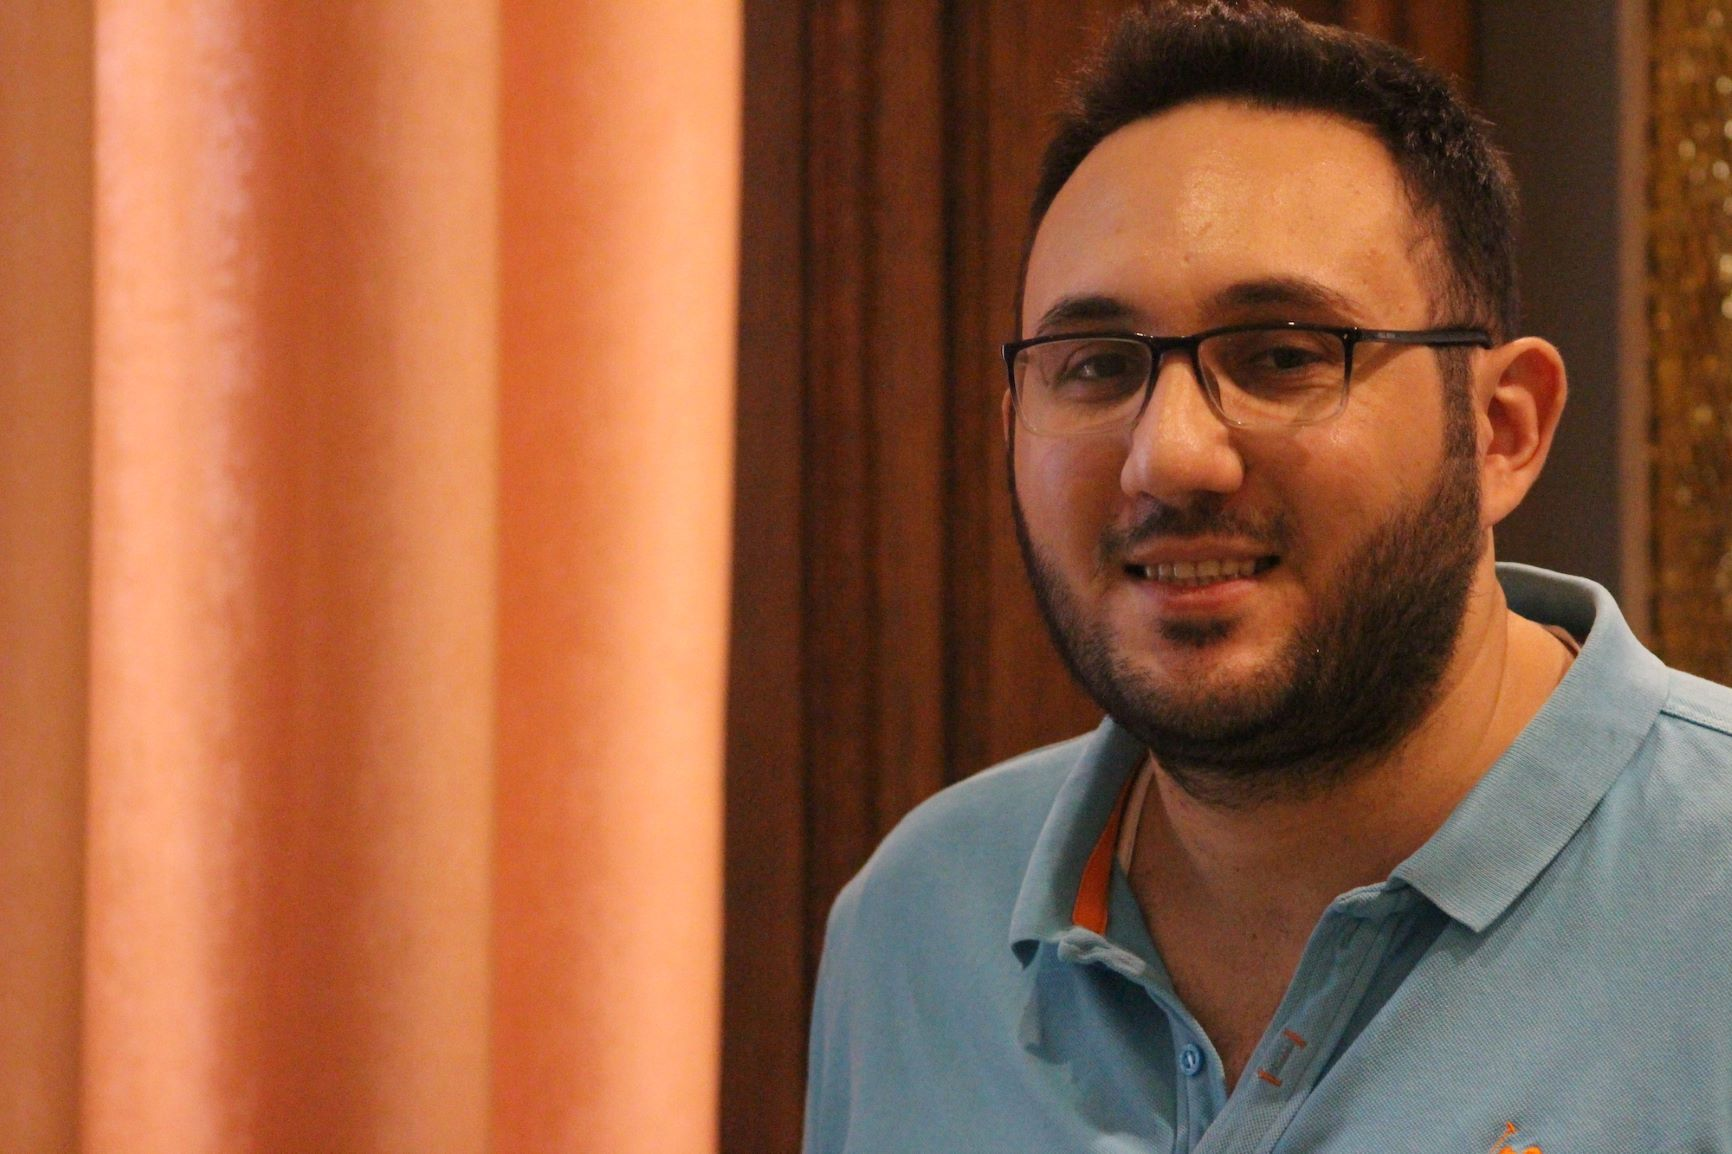 لاجئ سوري يبتكر تطبيقاً للشحن والخدمات البريدية